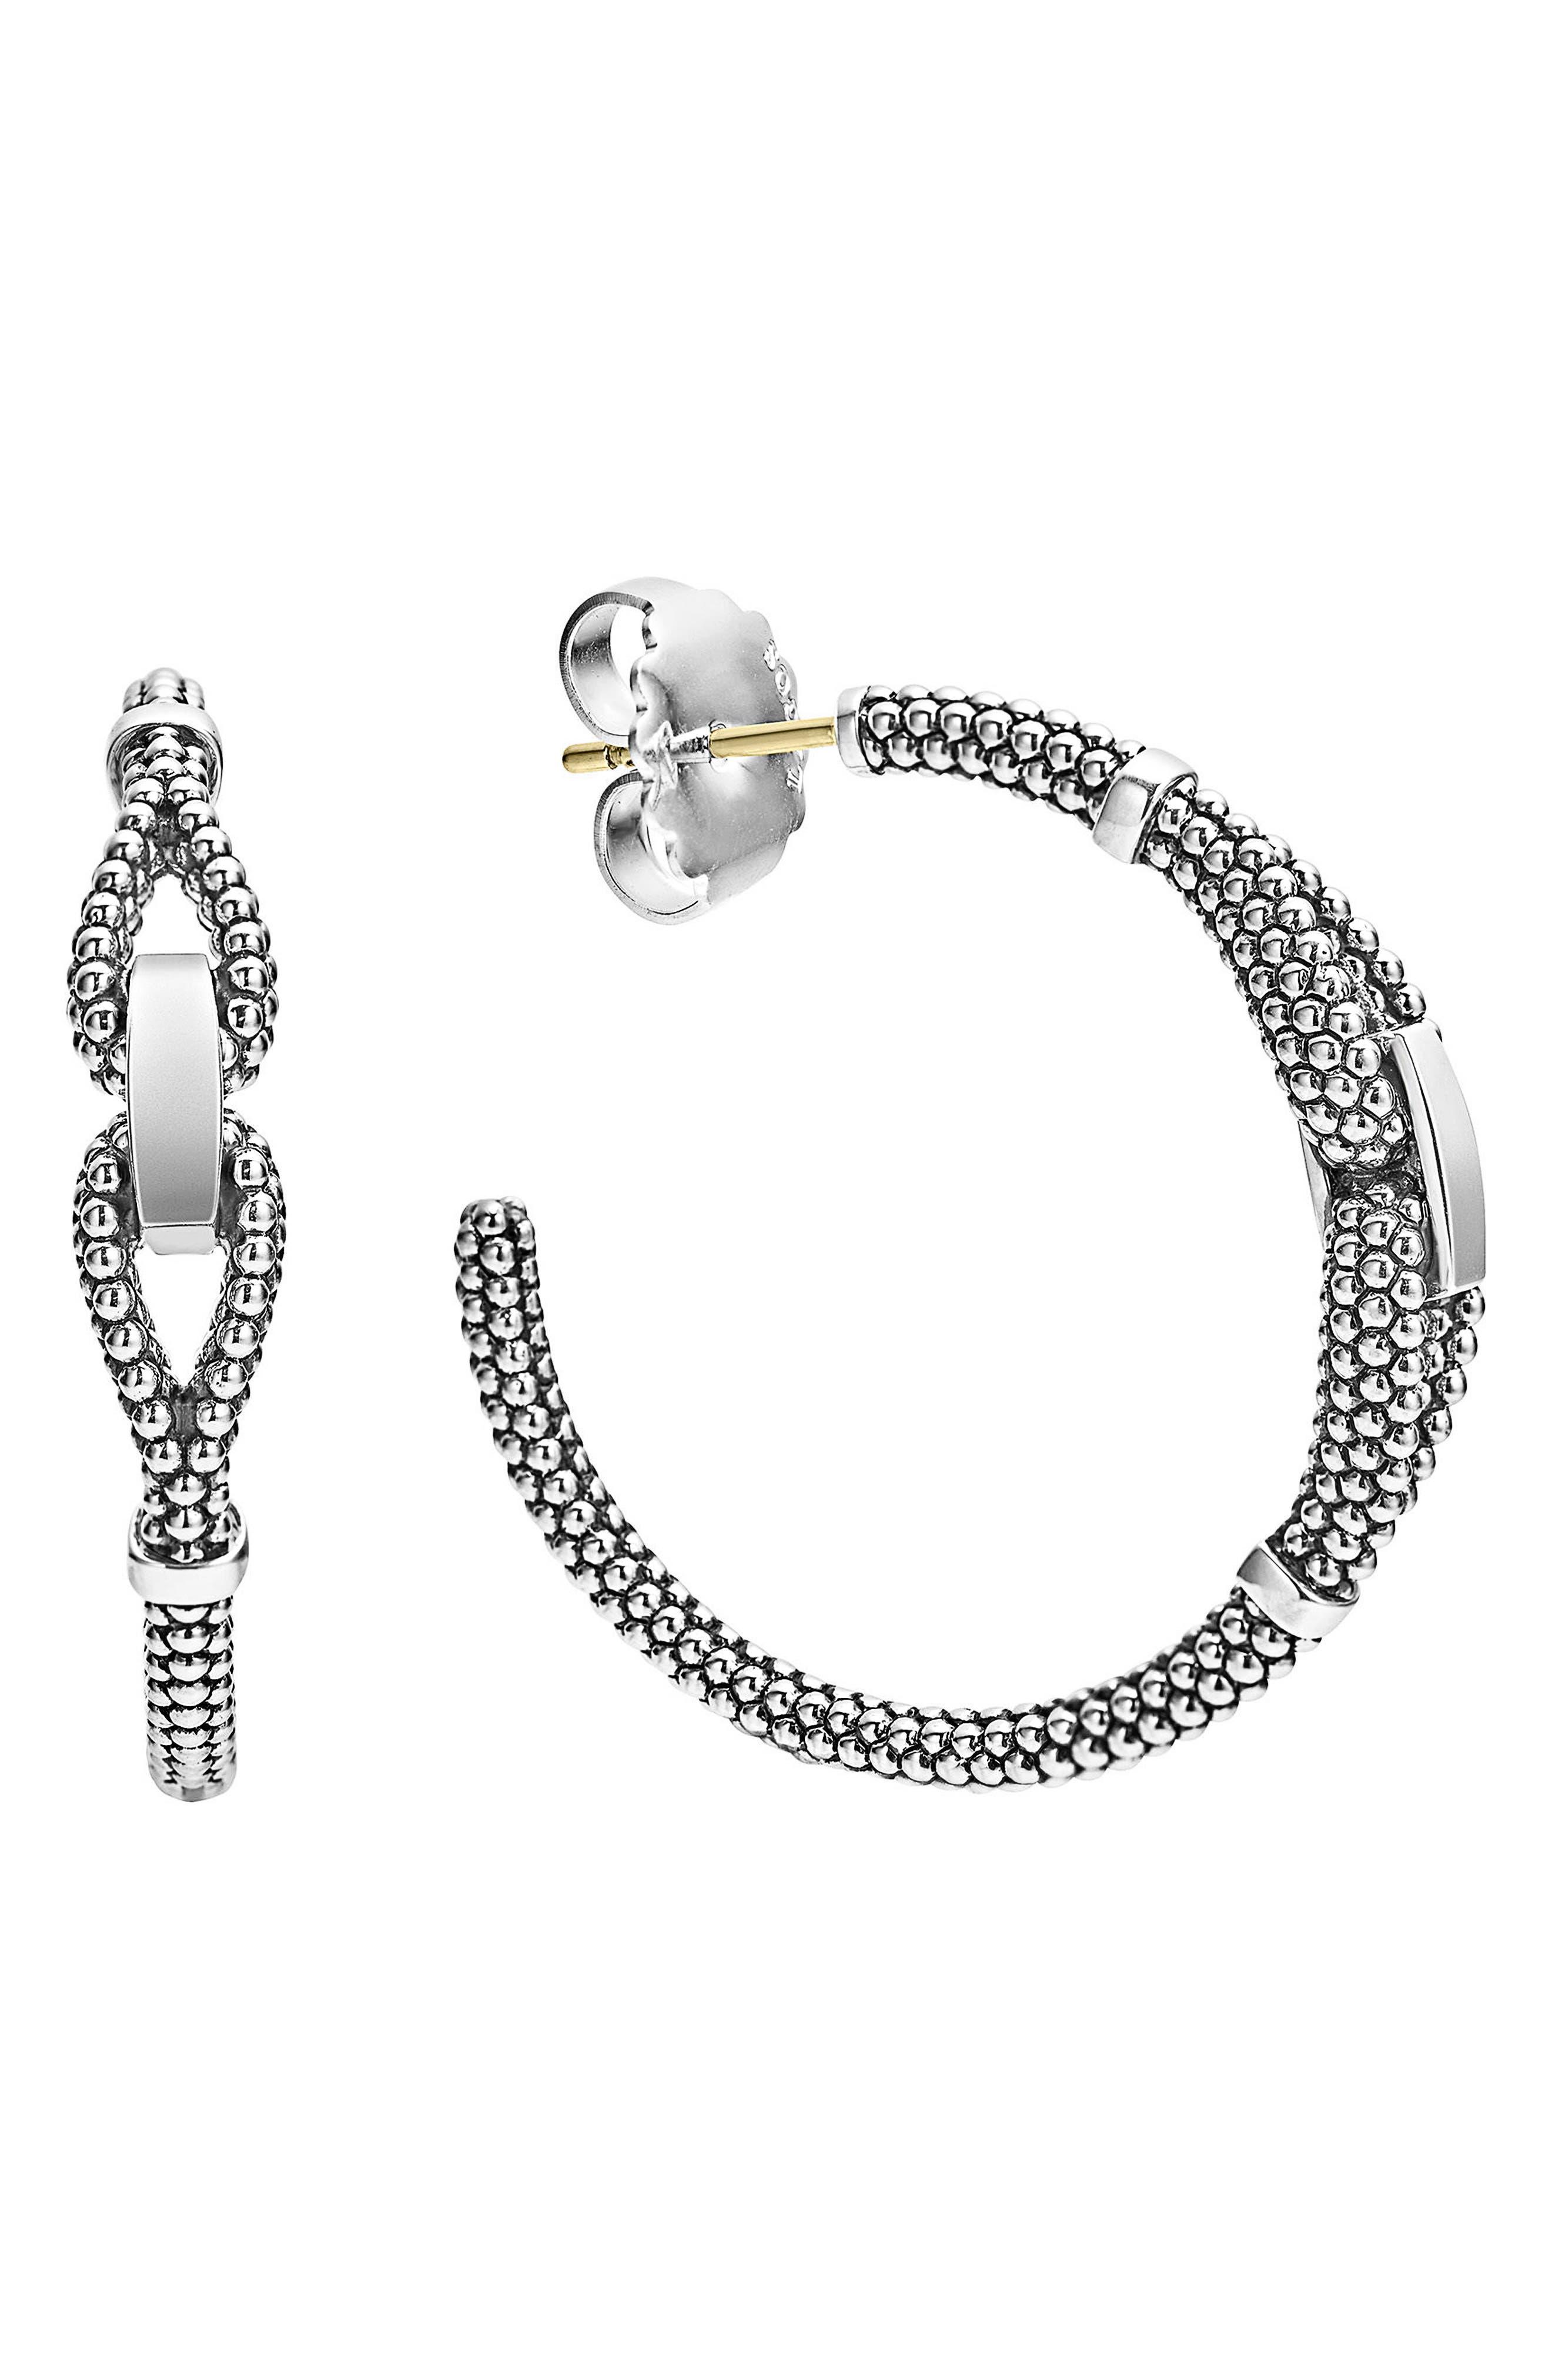 Main Image - LAGOS Derby Caviar Hoop Earrings